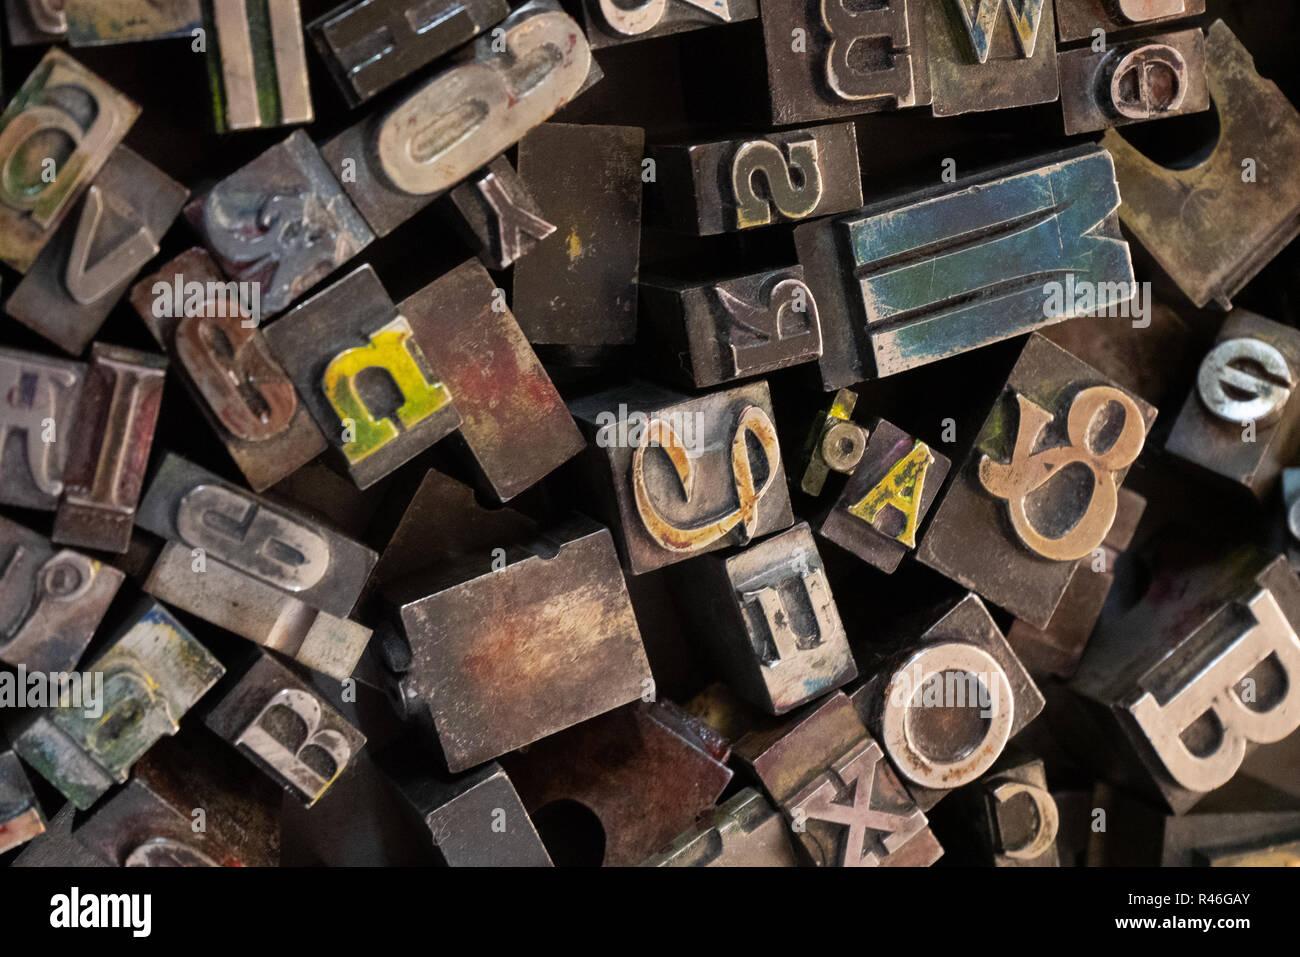 Durcheinander verschiedener Metall Buchstaben in ein Fach für den Einsatz in einem alten Heidelberger Druckmaschine. Stockbild